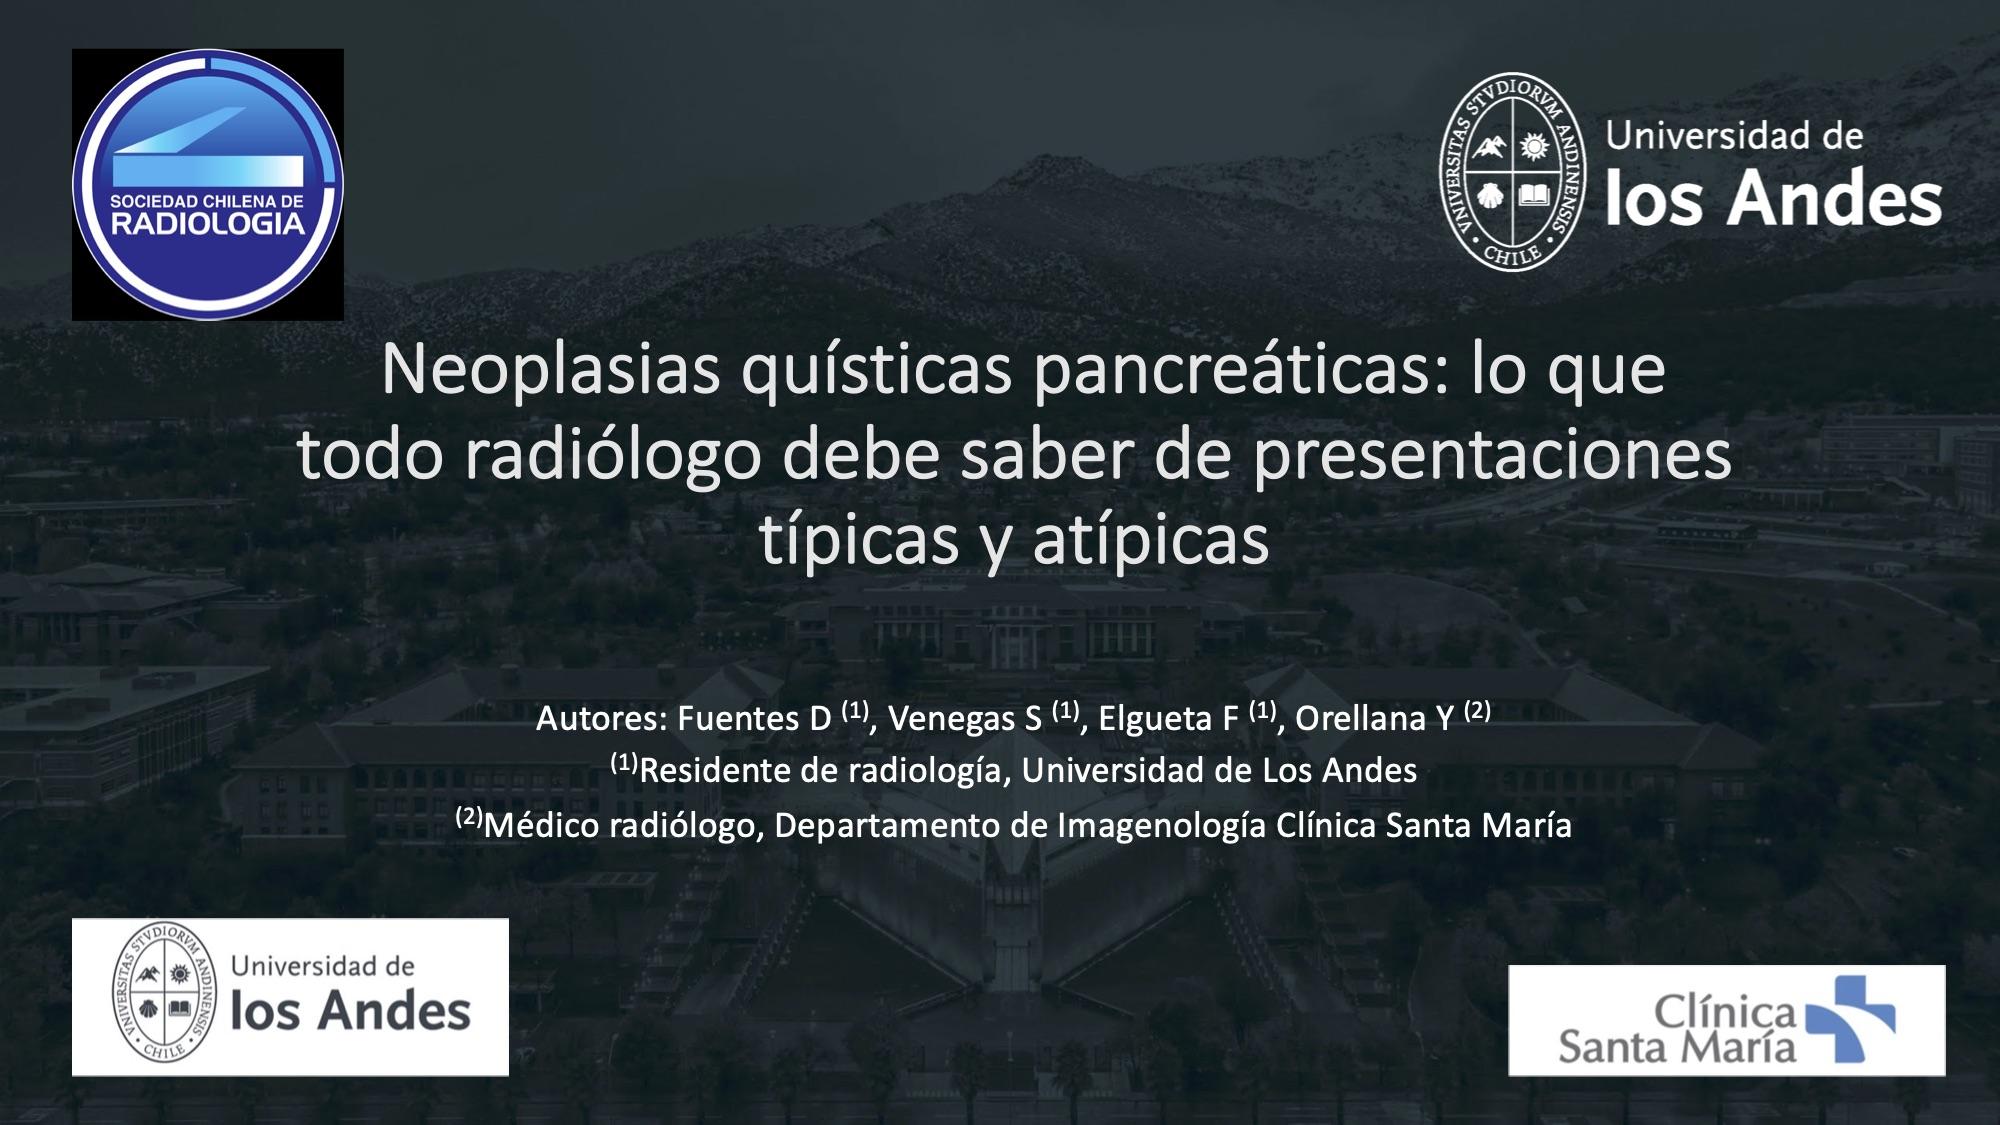 Neoplasias quísticas pancreáticas: lo que todo radiólogo debe saber de presentaciones típicas y atípicas